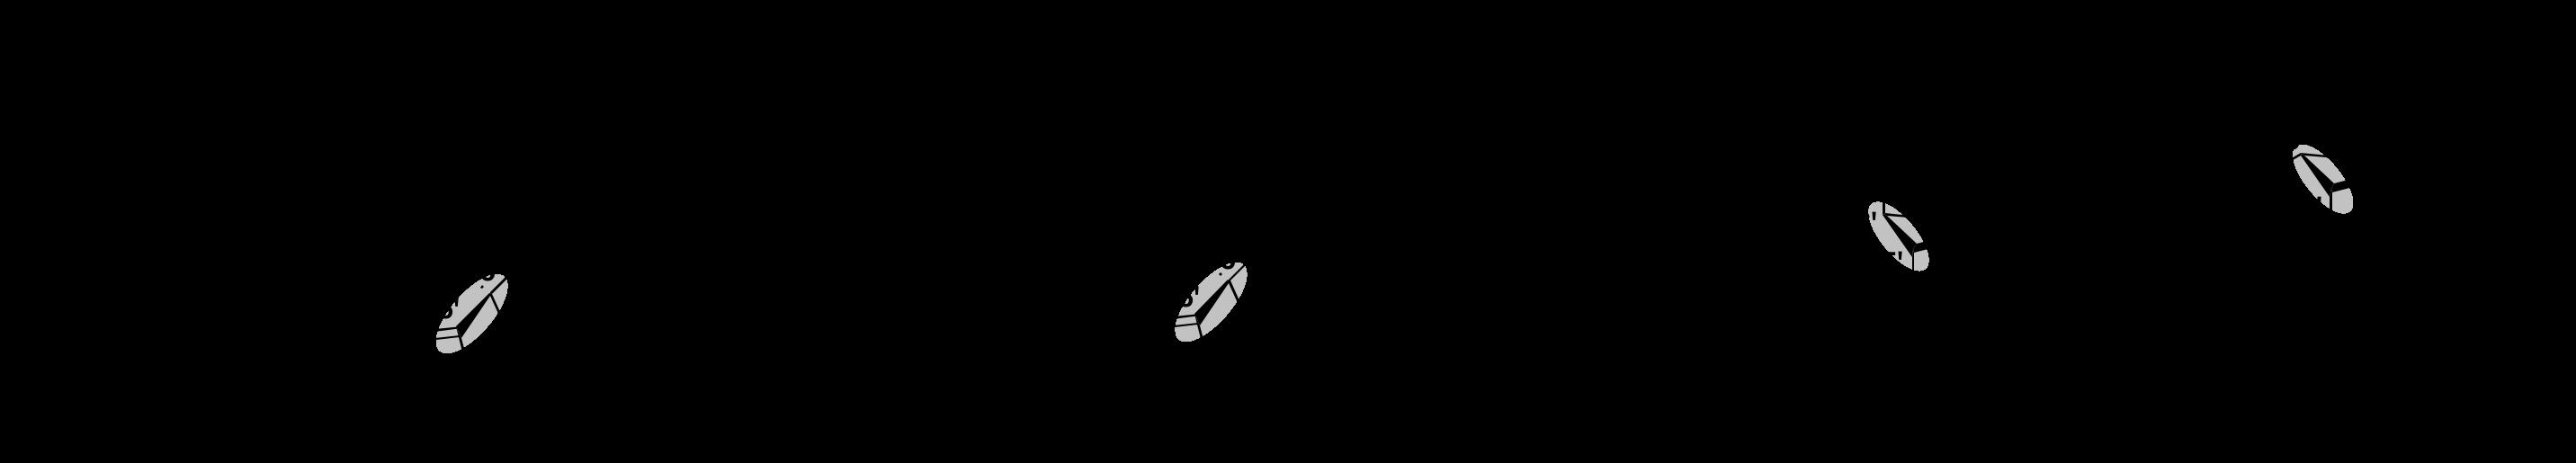 Nucleoside antifungals